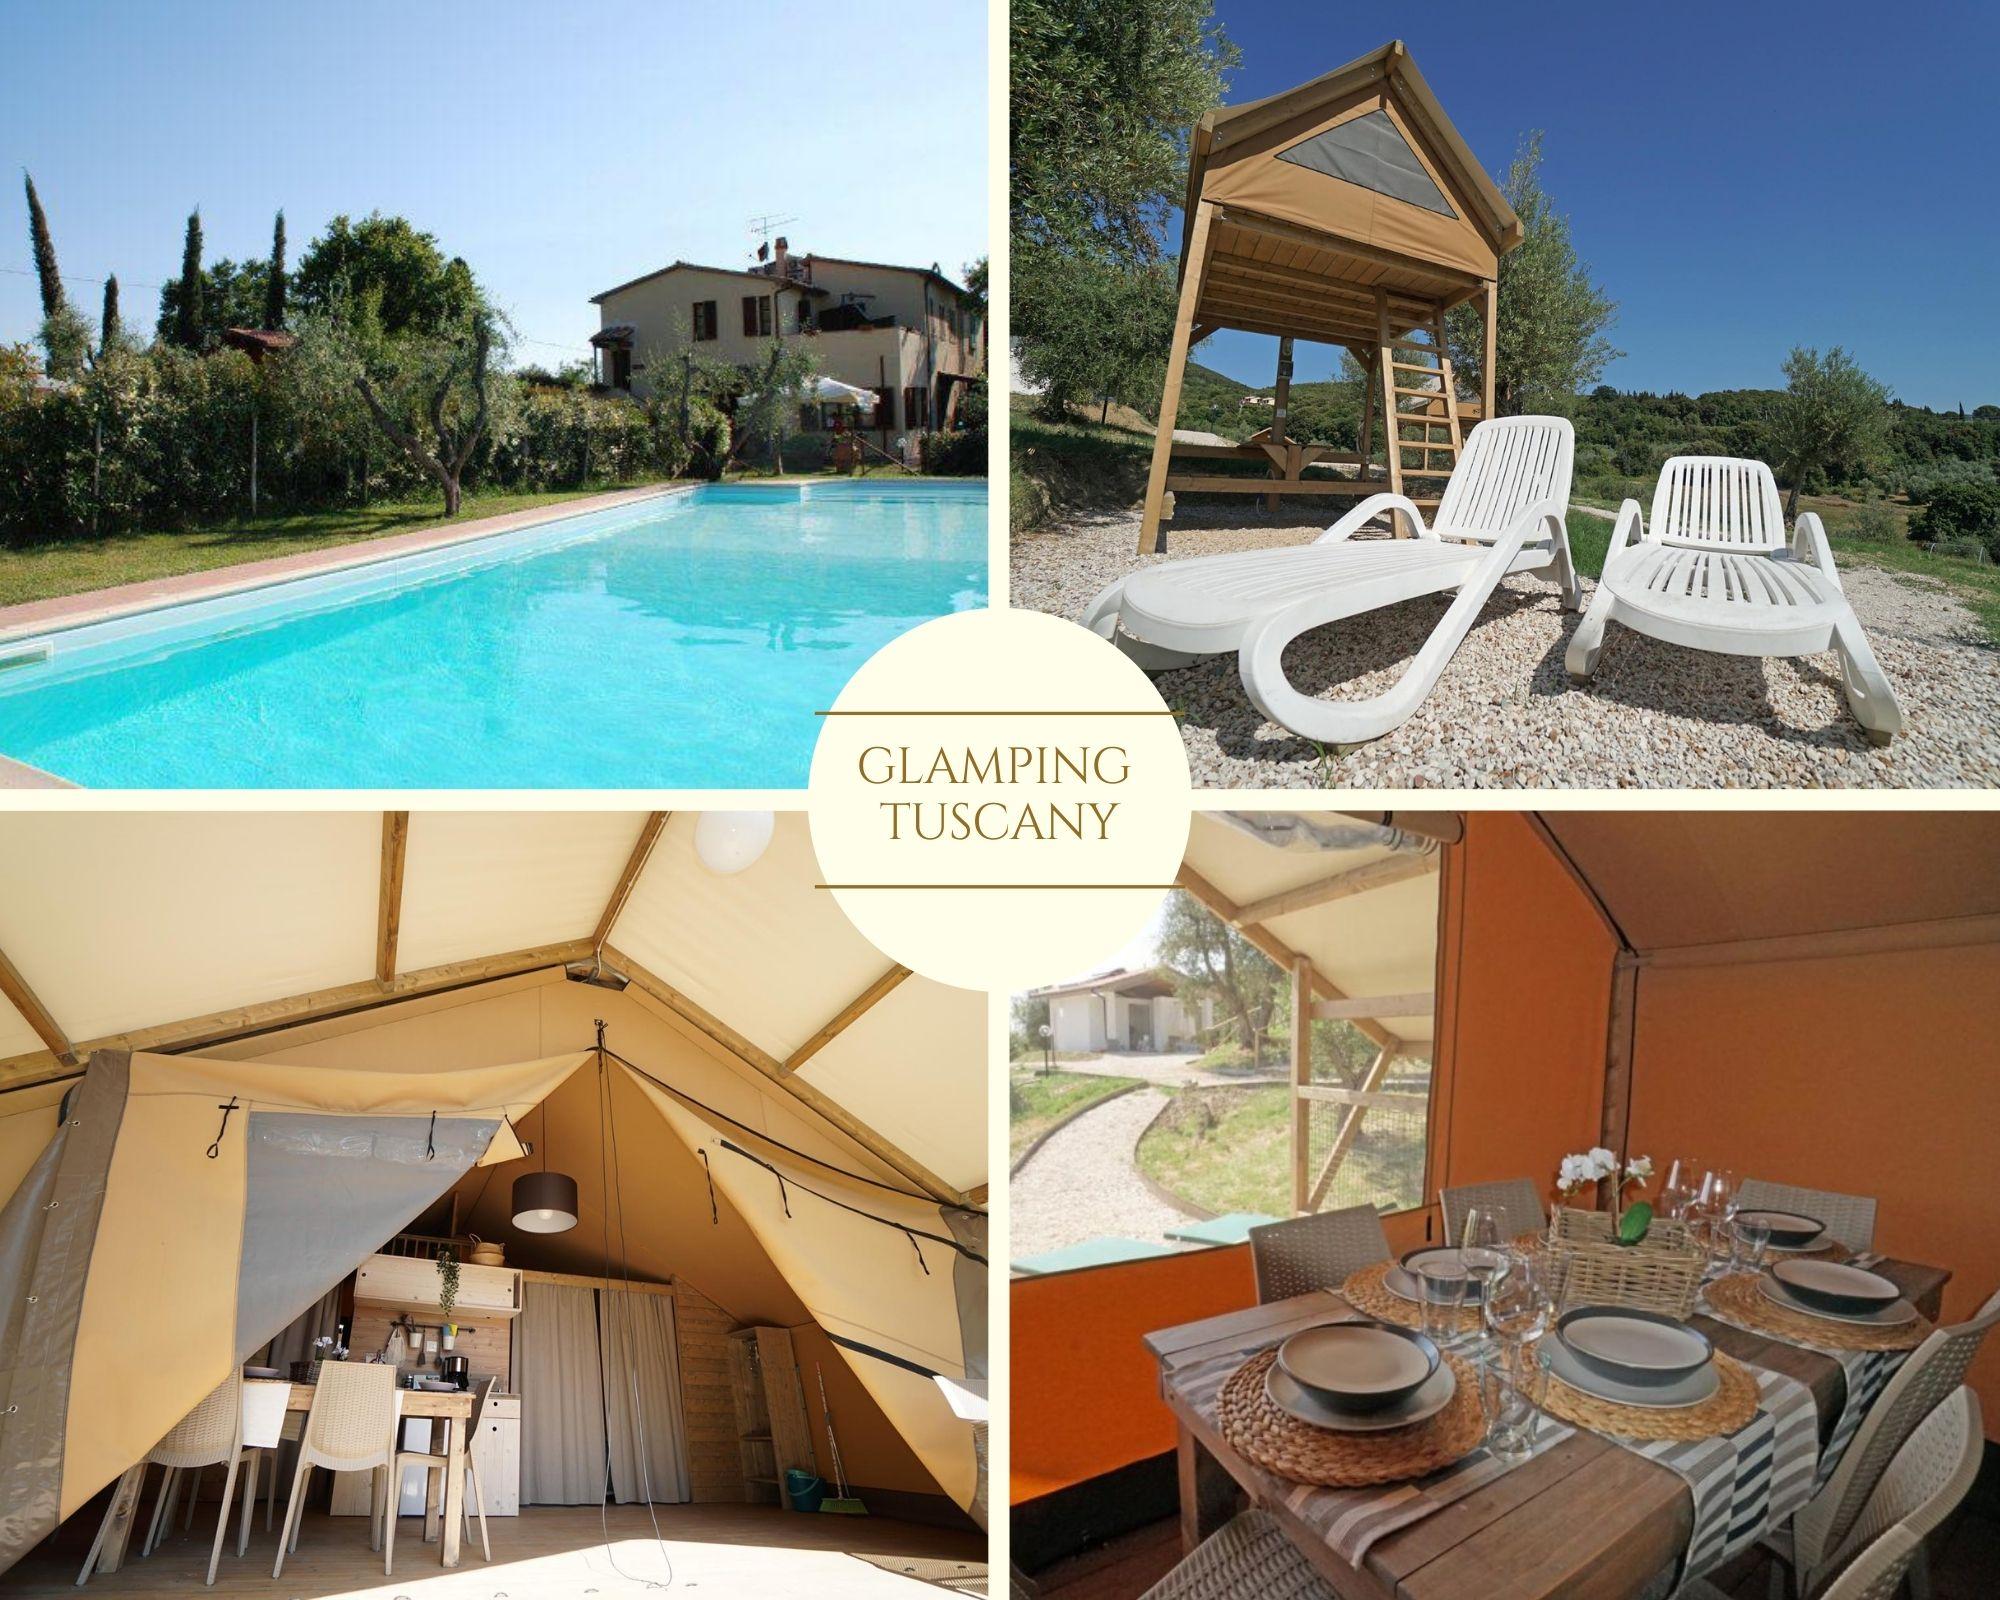 Glamping tuscany